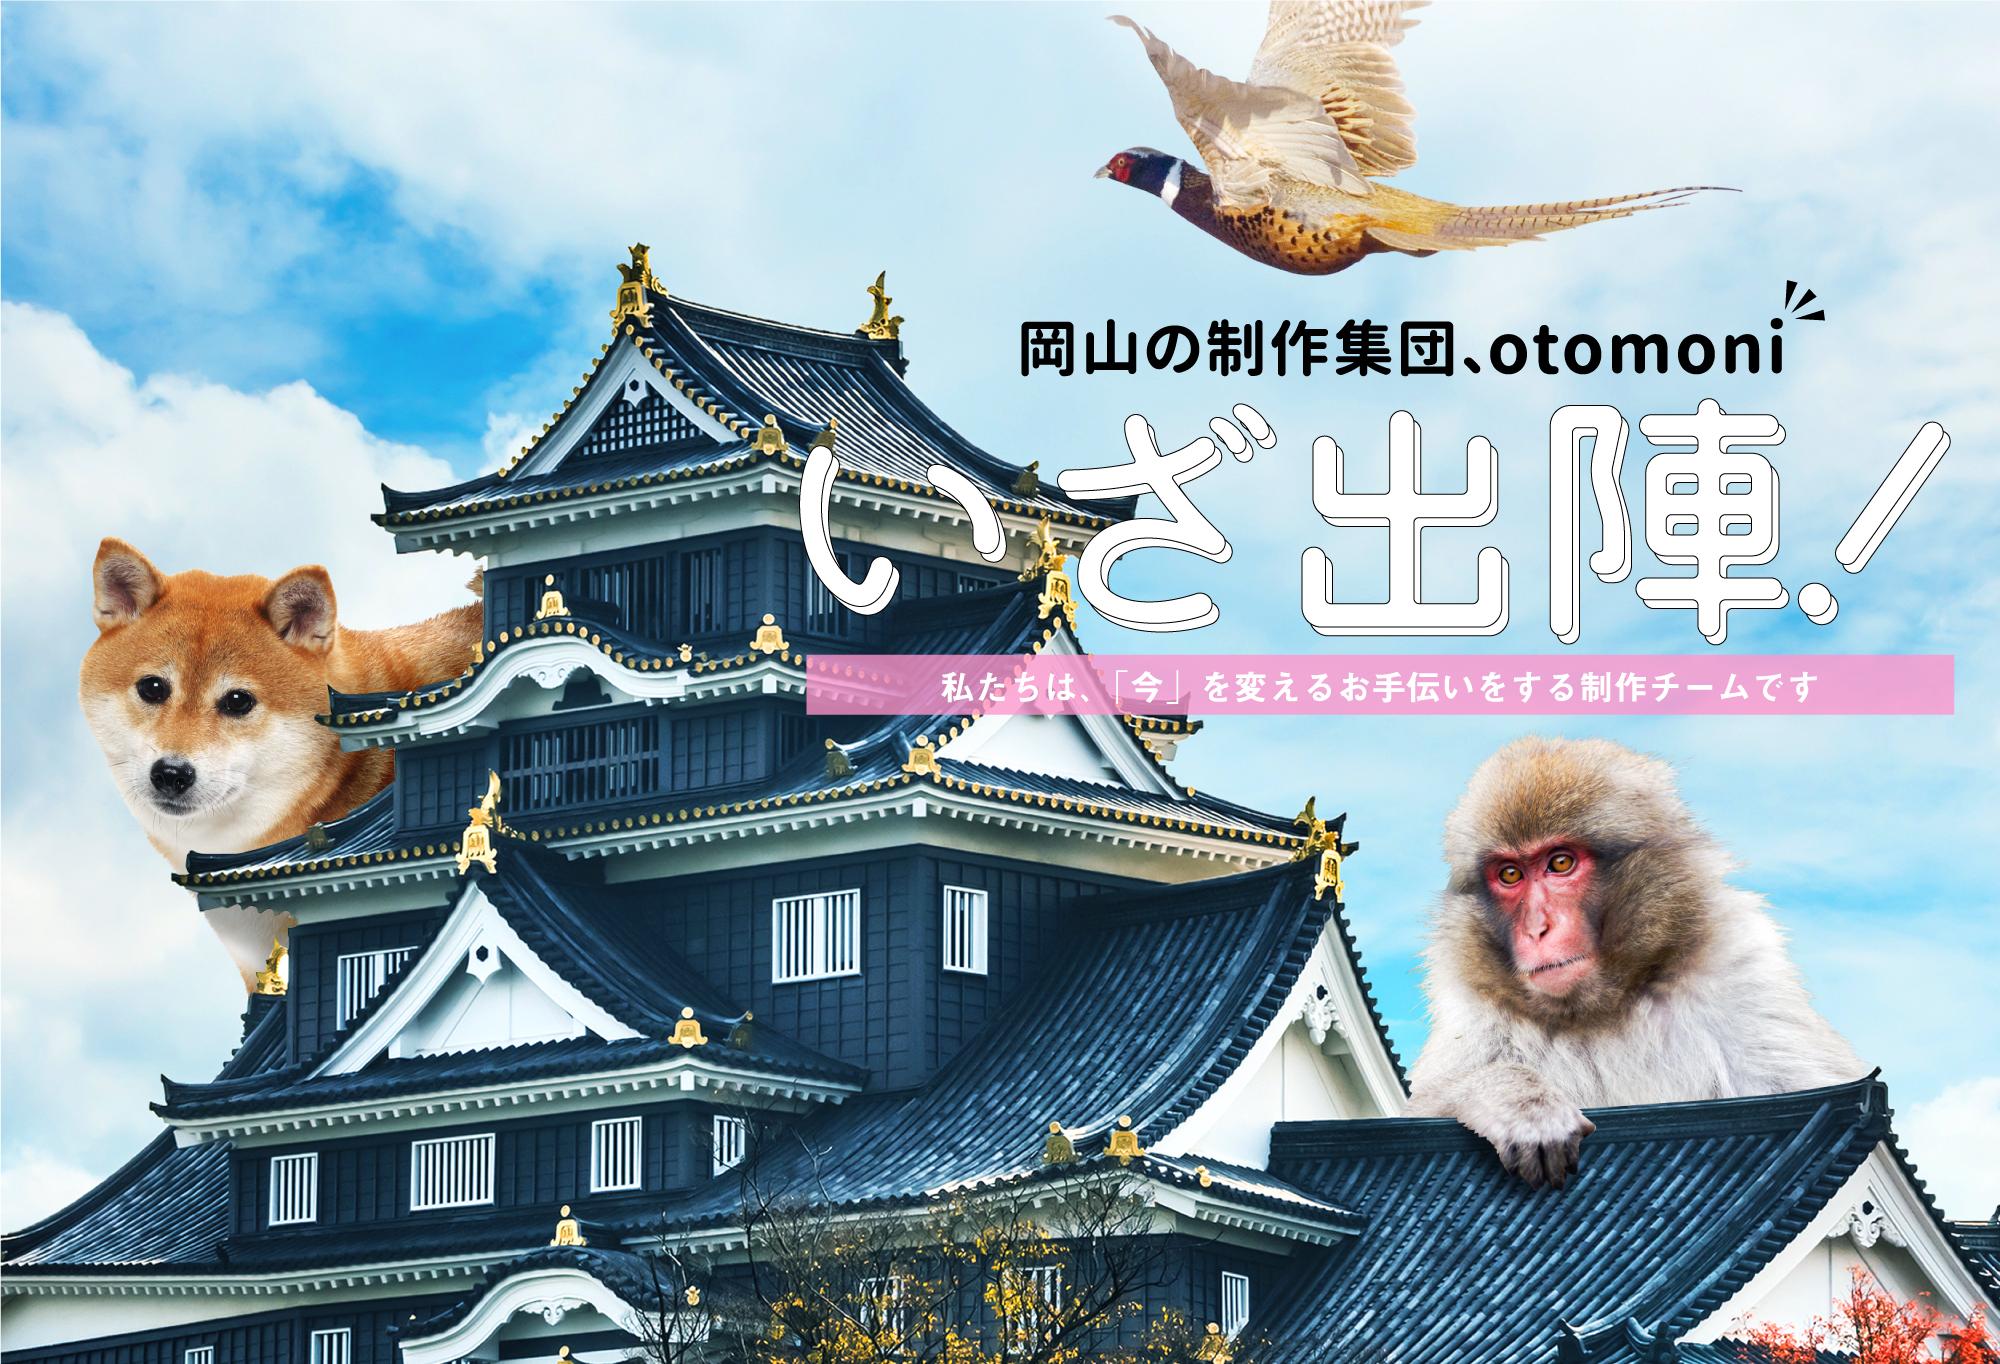 岡山の制作集団 OTOMONI おともに インバウンド・ブランディング・動画撮影・ちらし・パンフレット